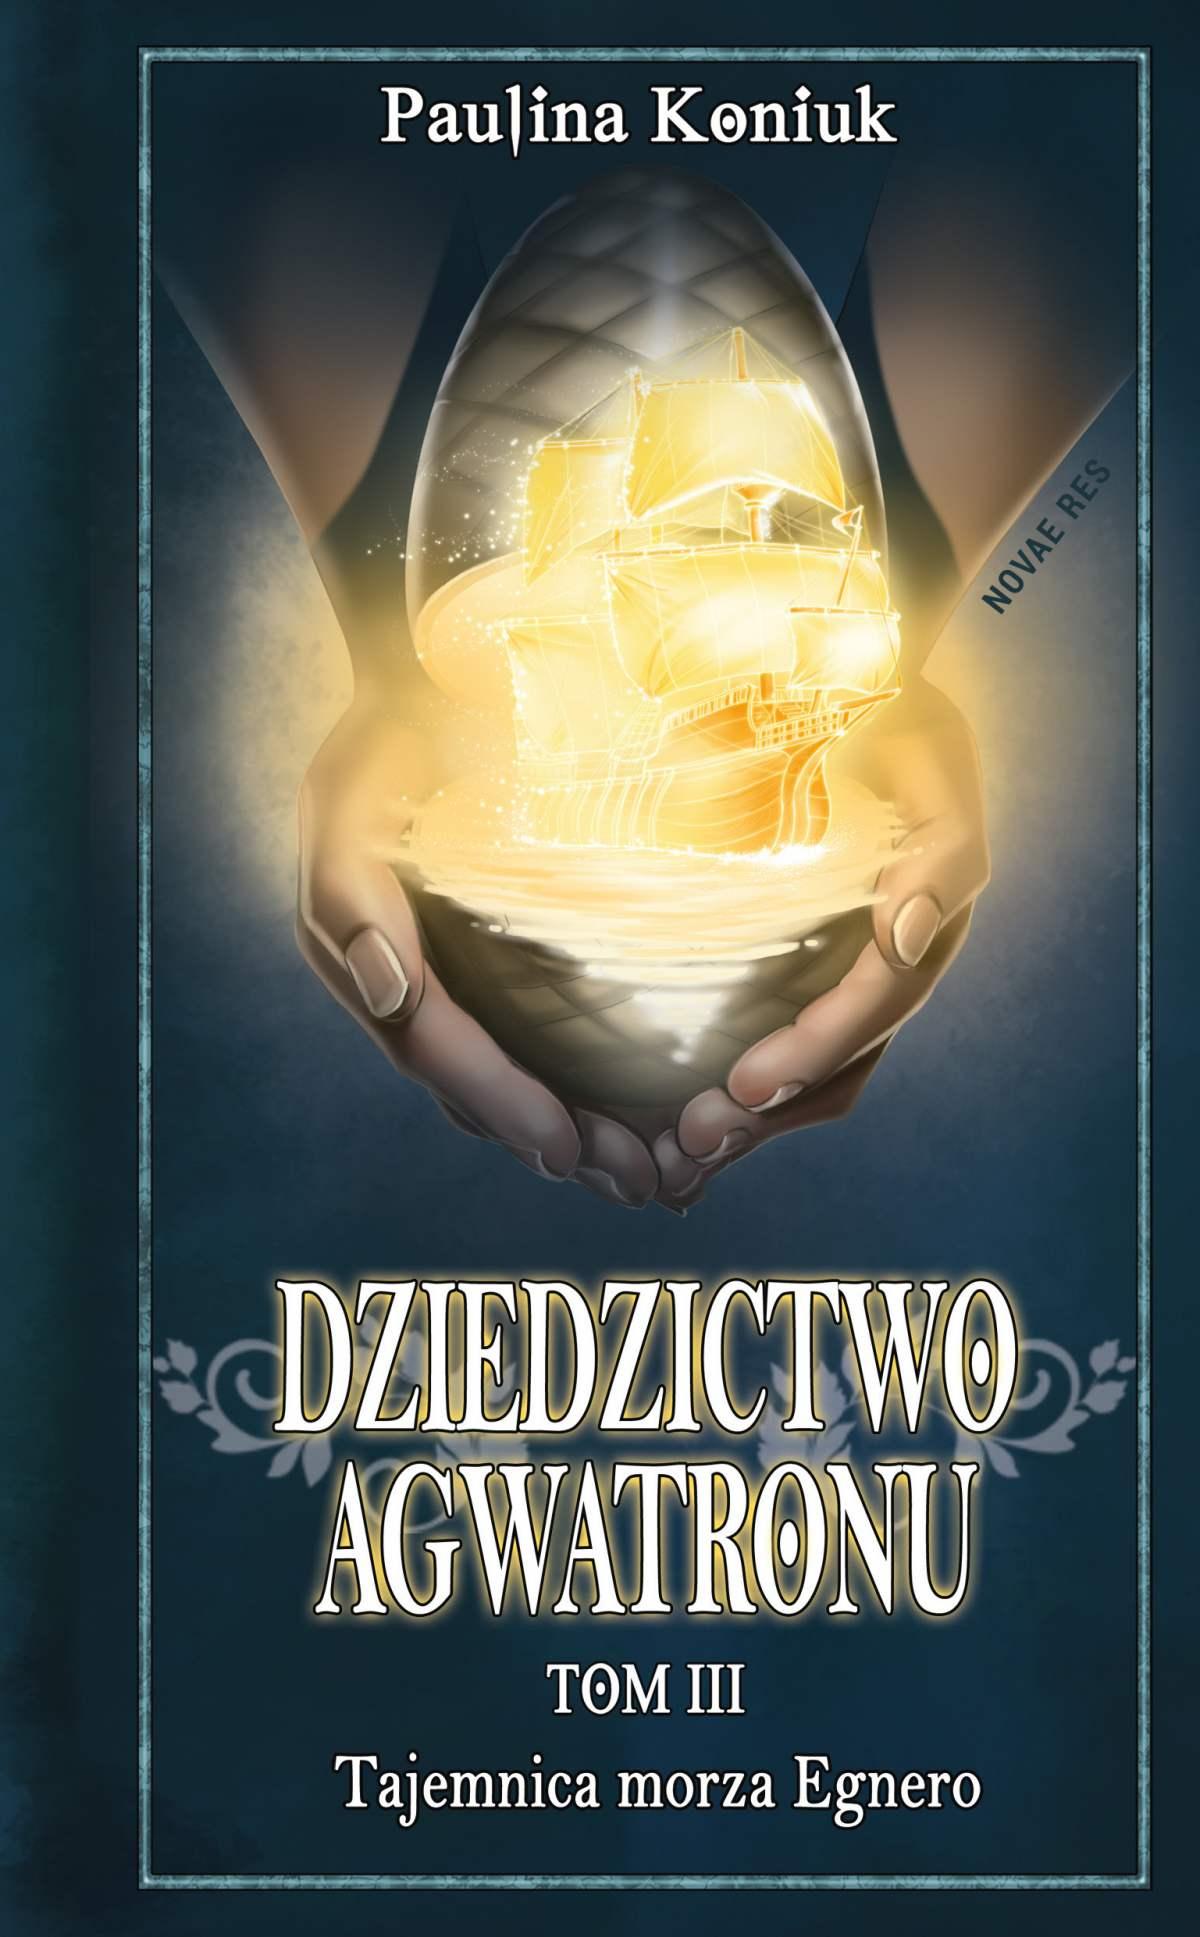 Dziedzictwo Agwatronu. Tom III: Tajemnica morza Egnero - Ebook (Książka EPUB) do pobrania w formacie EPUB